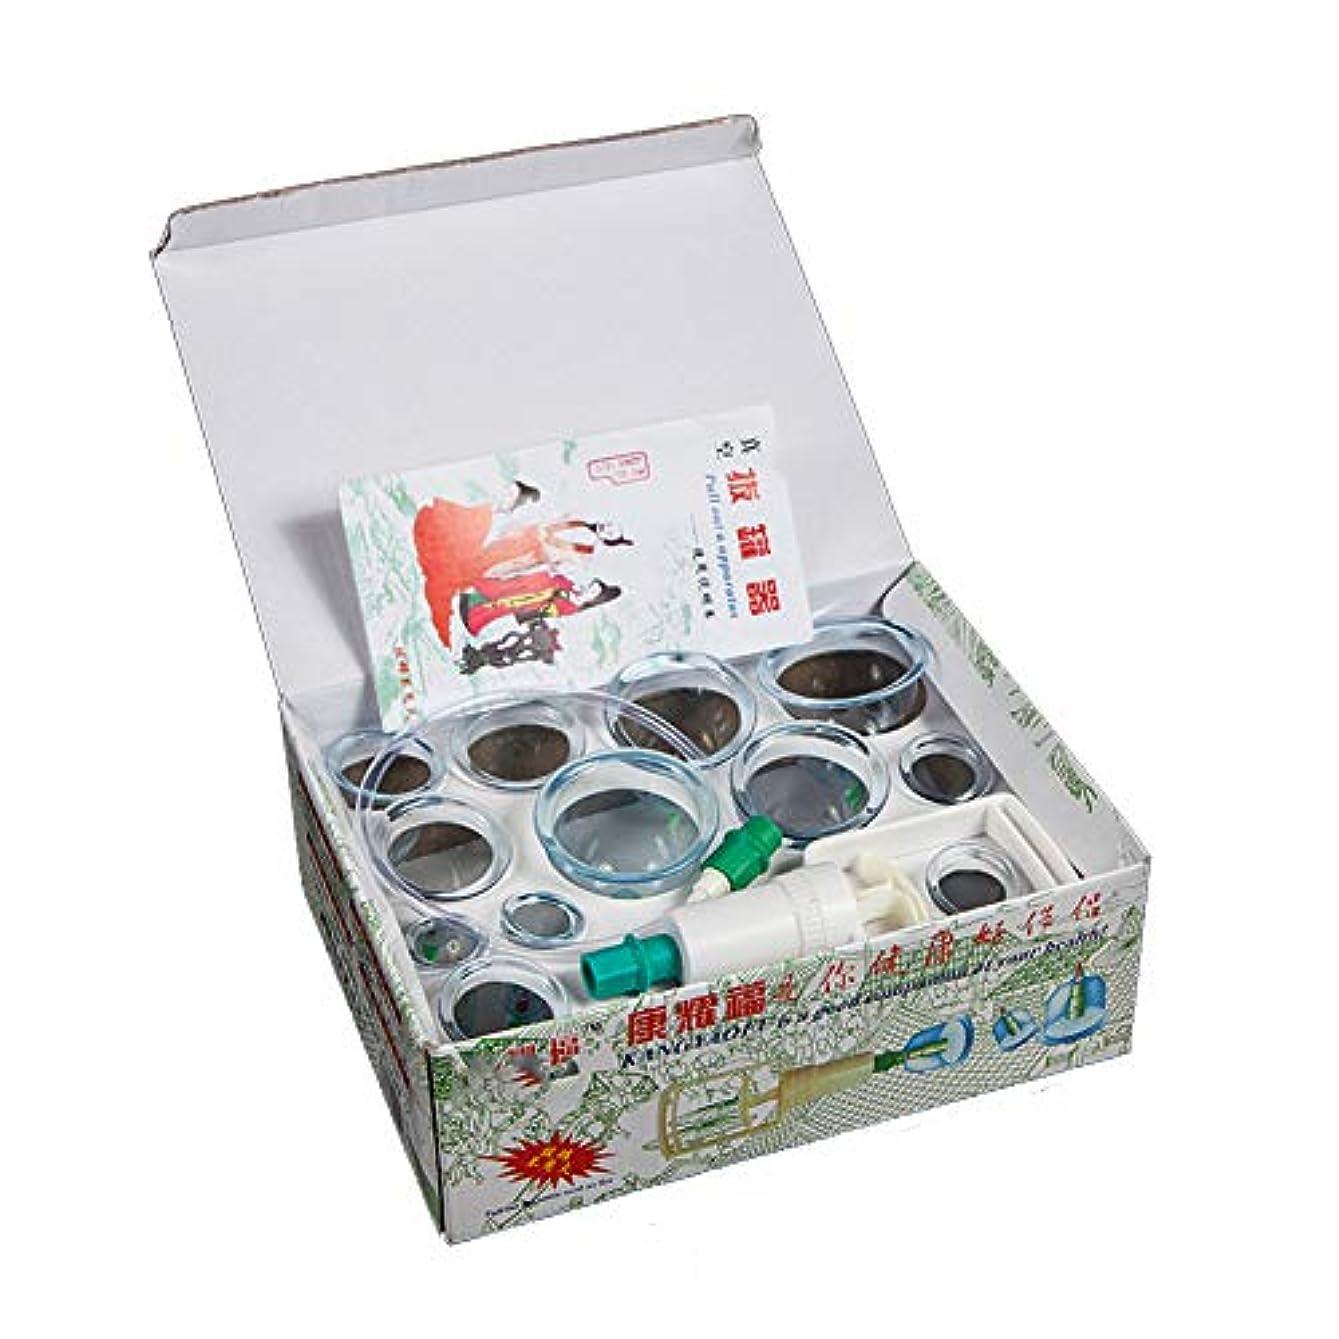 王室特異な起きる12カップカッピングセットプラスチック、真空吸引生体磁気中国ツボ療法、ポンプ付きの家、ボディマッサージ痛み緩和理学療法排泄毒素